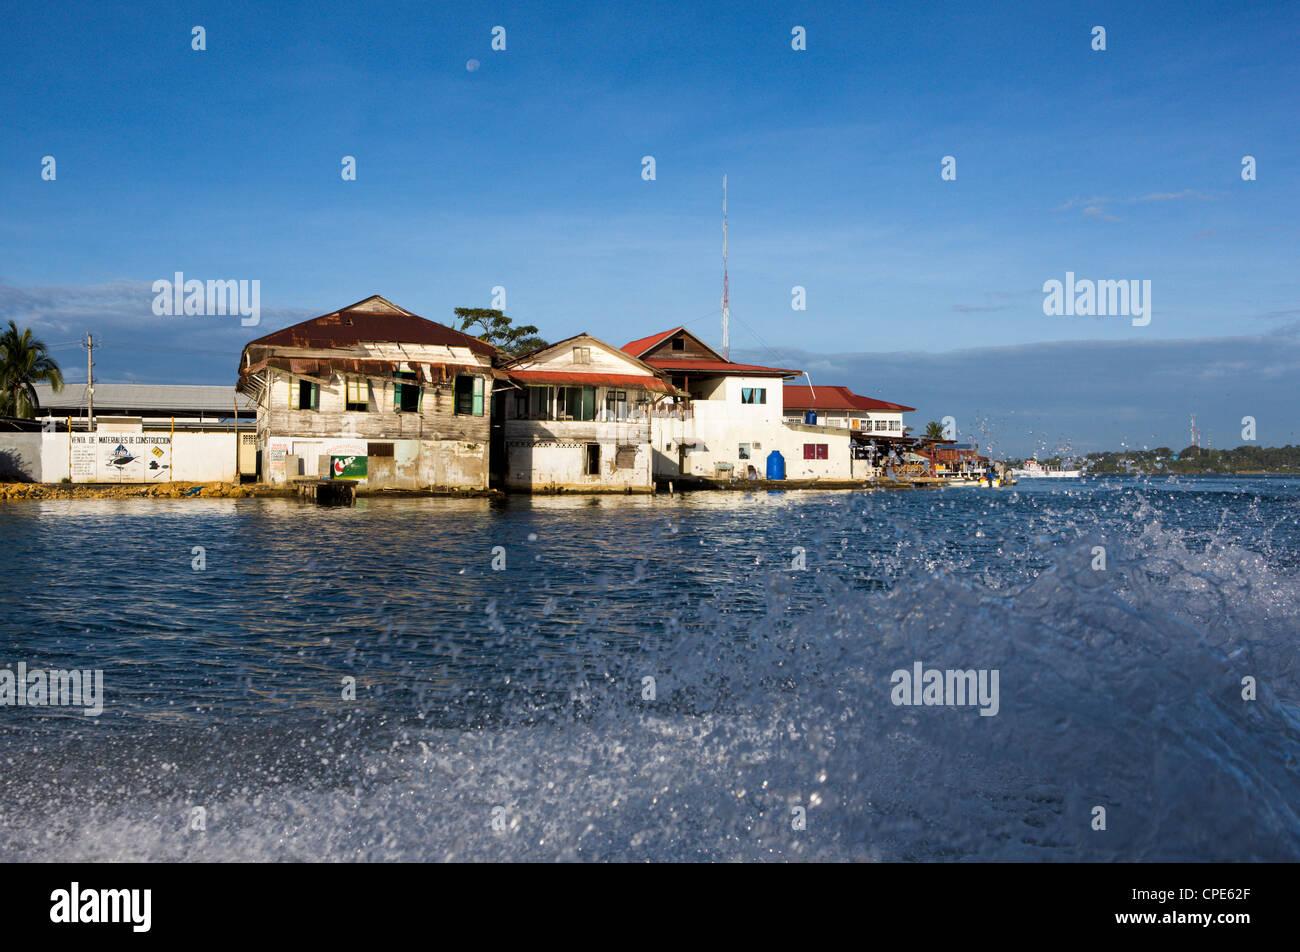 Viaje en barco pasado la Isla Colón en Bocas del Toro, Panamá, América Central Imagen De Stock